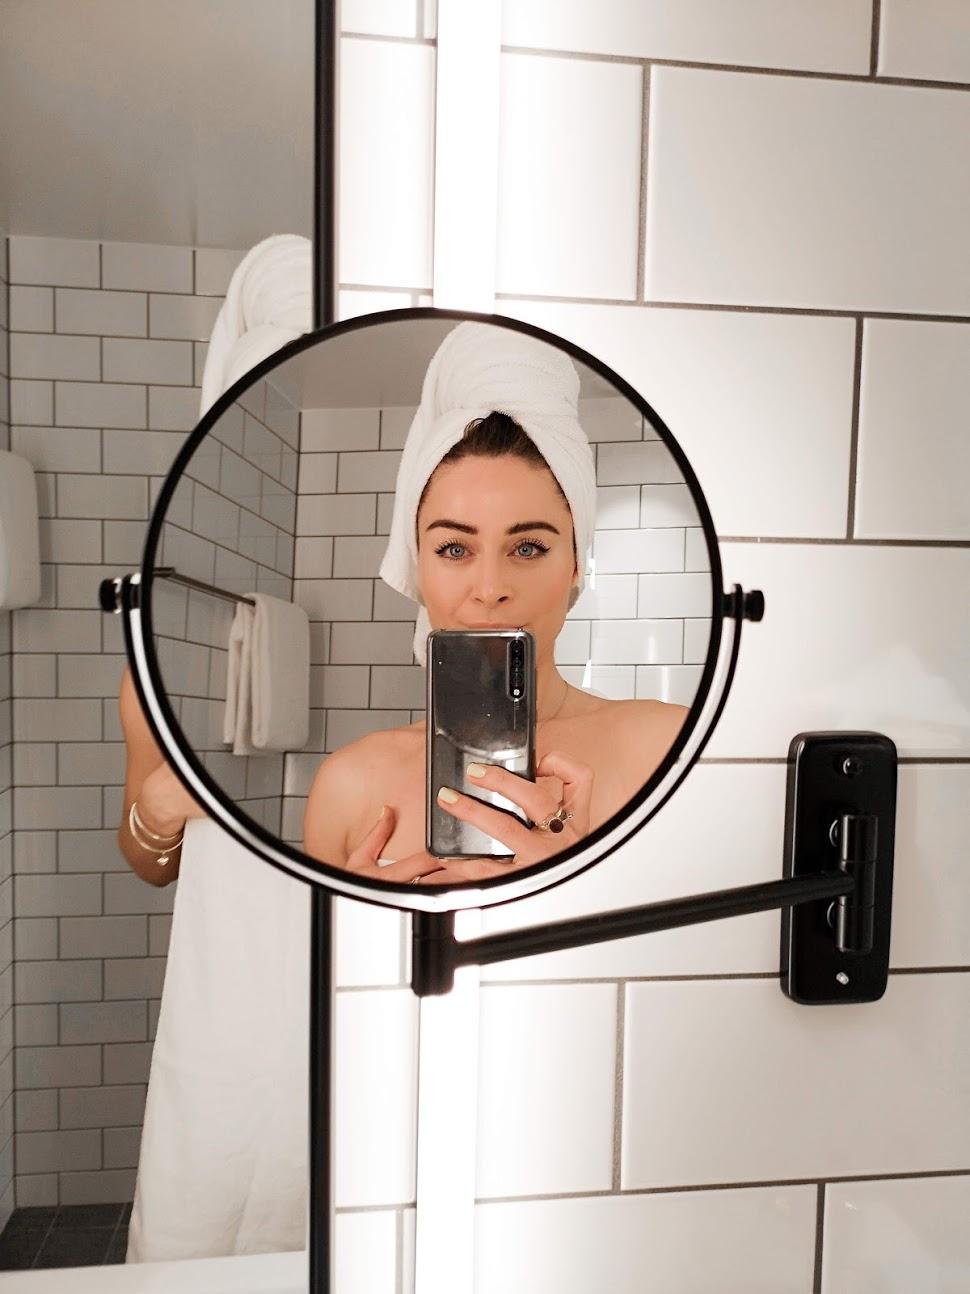 solcrem solbeskyttelse nelle noell face-savers